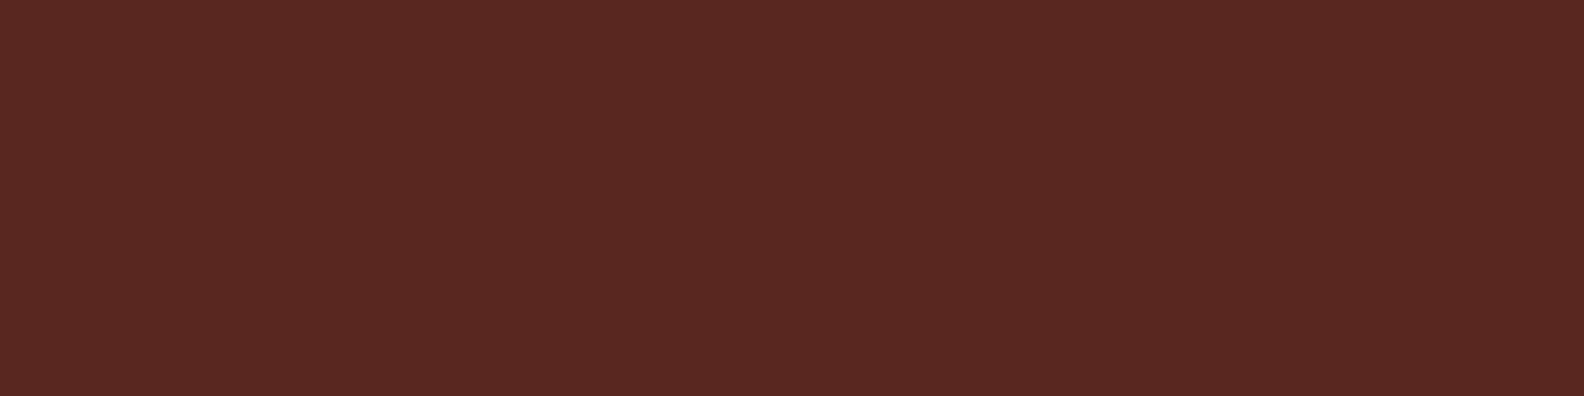 1584x396 Caput Mortuum Solid Color Background